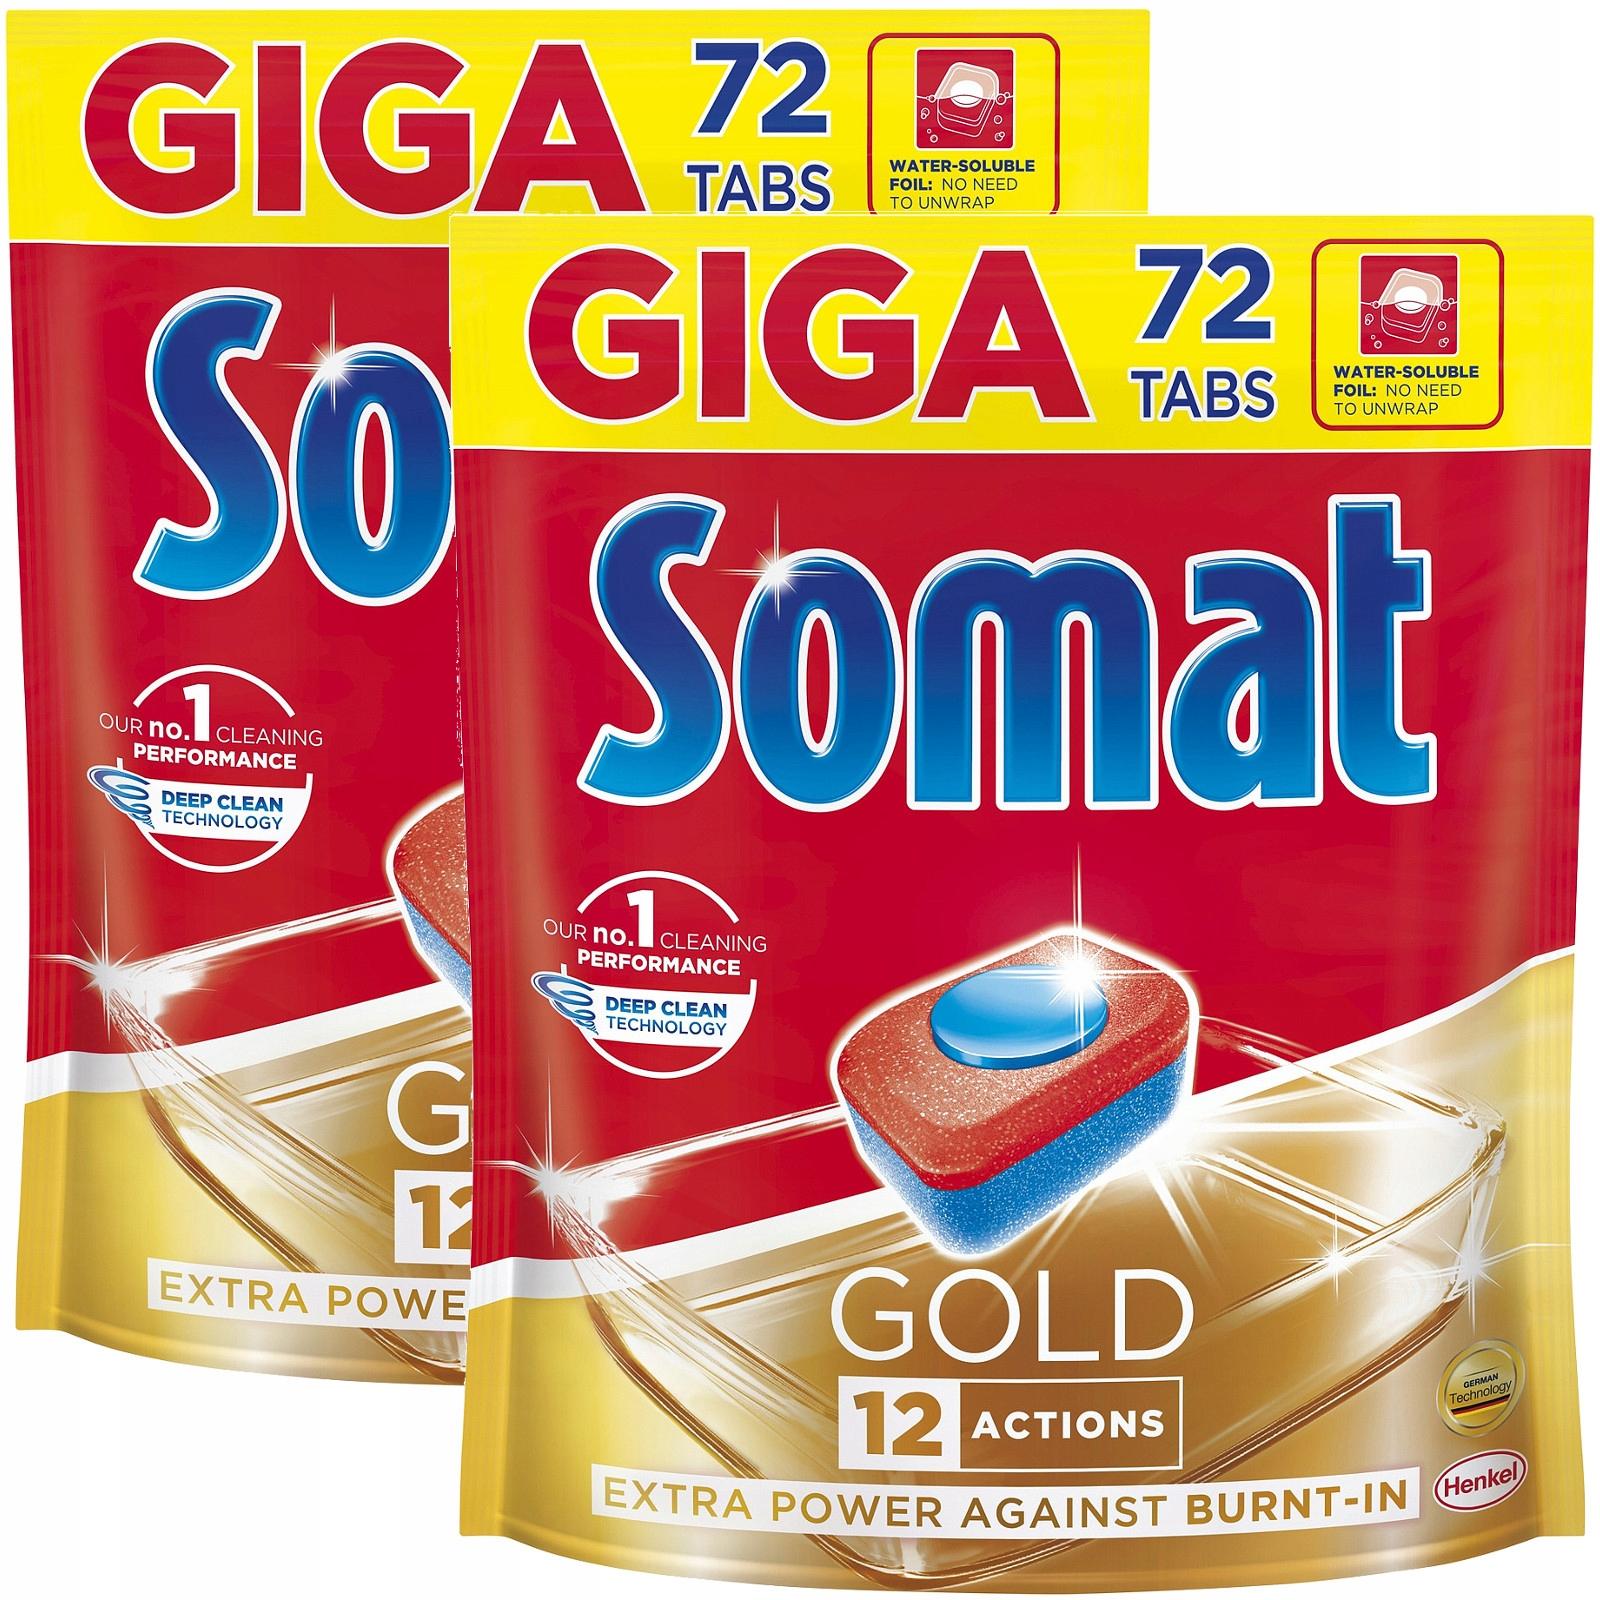 Somat Золотой Посудомоечная таблетки Гига 2 х 72 й 144шт